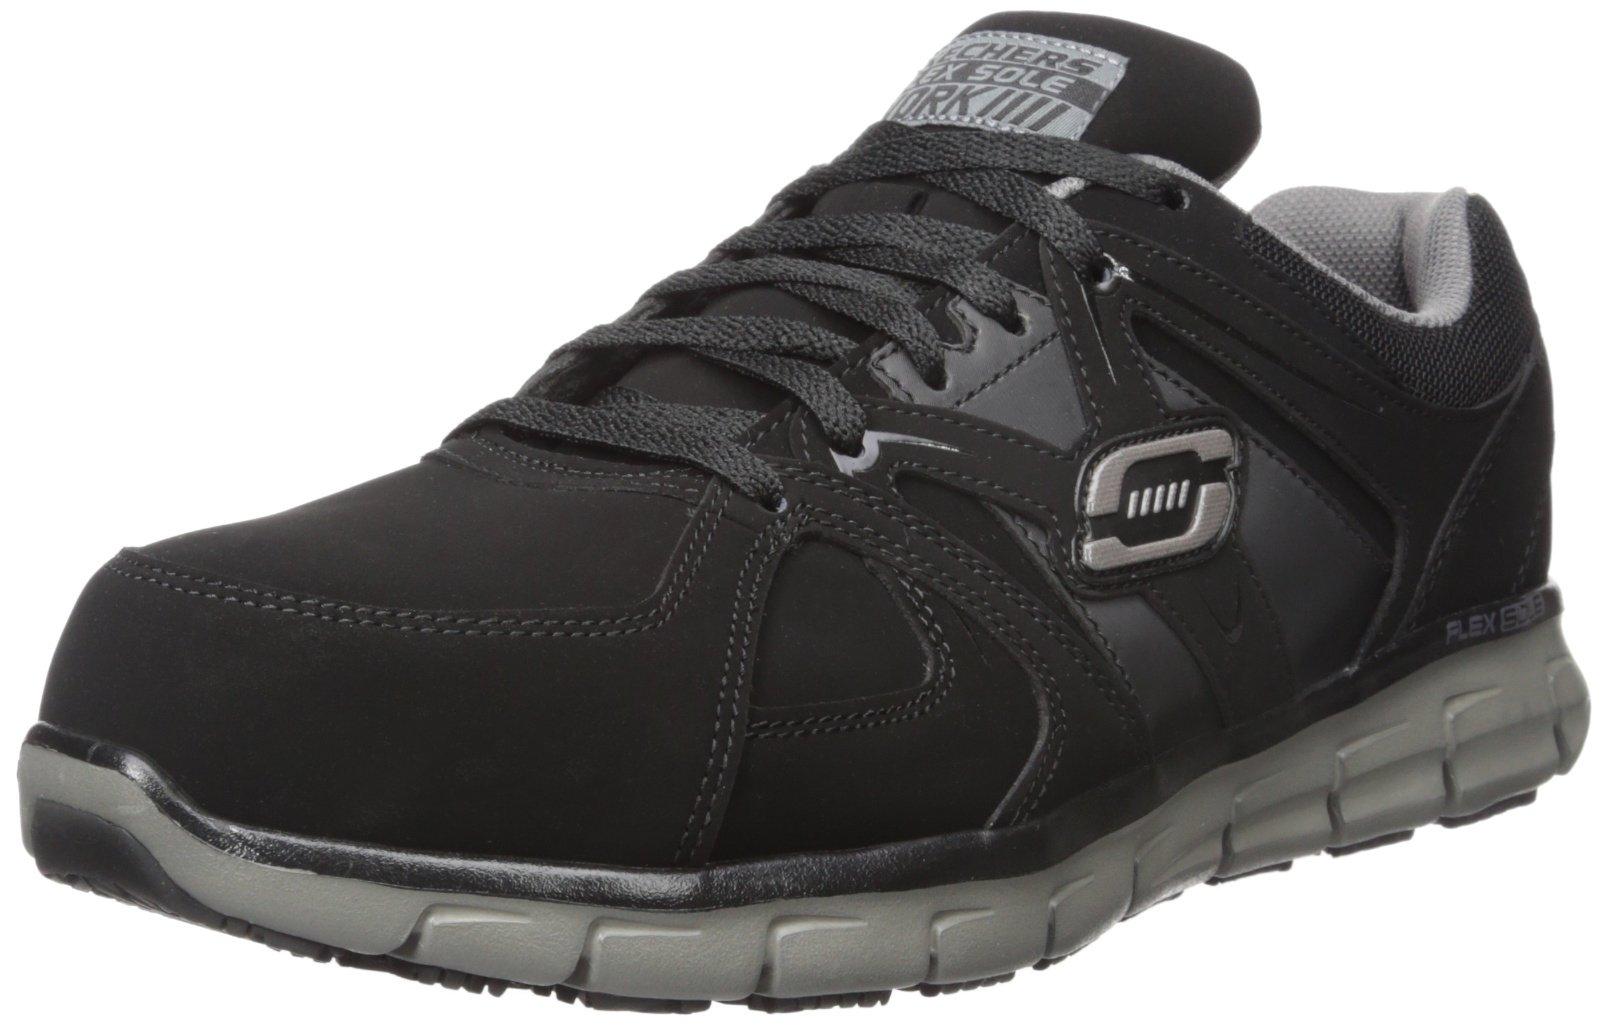 Skechers for Work Men's Synergy Ekron Work Shoe,Black/Charcoal,10 W US by Skechers